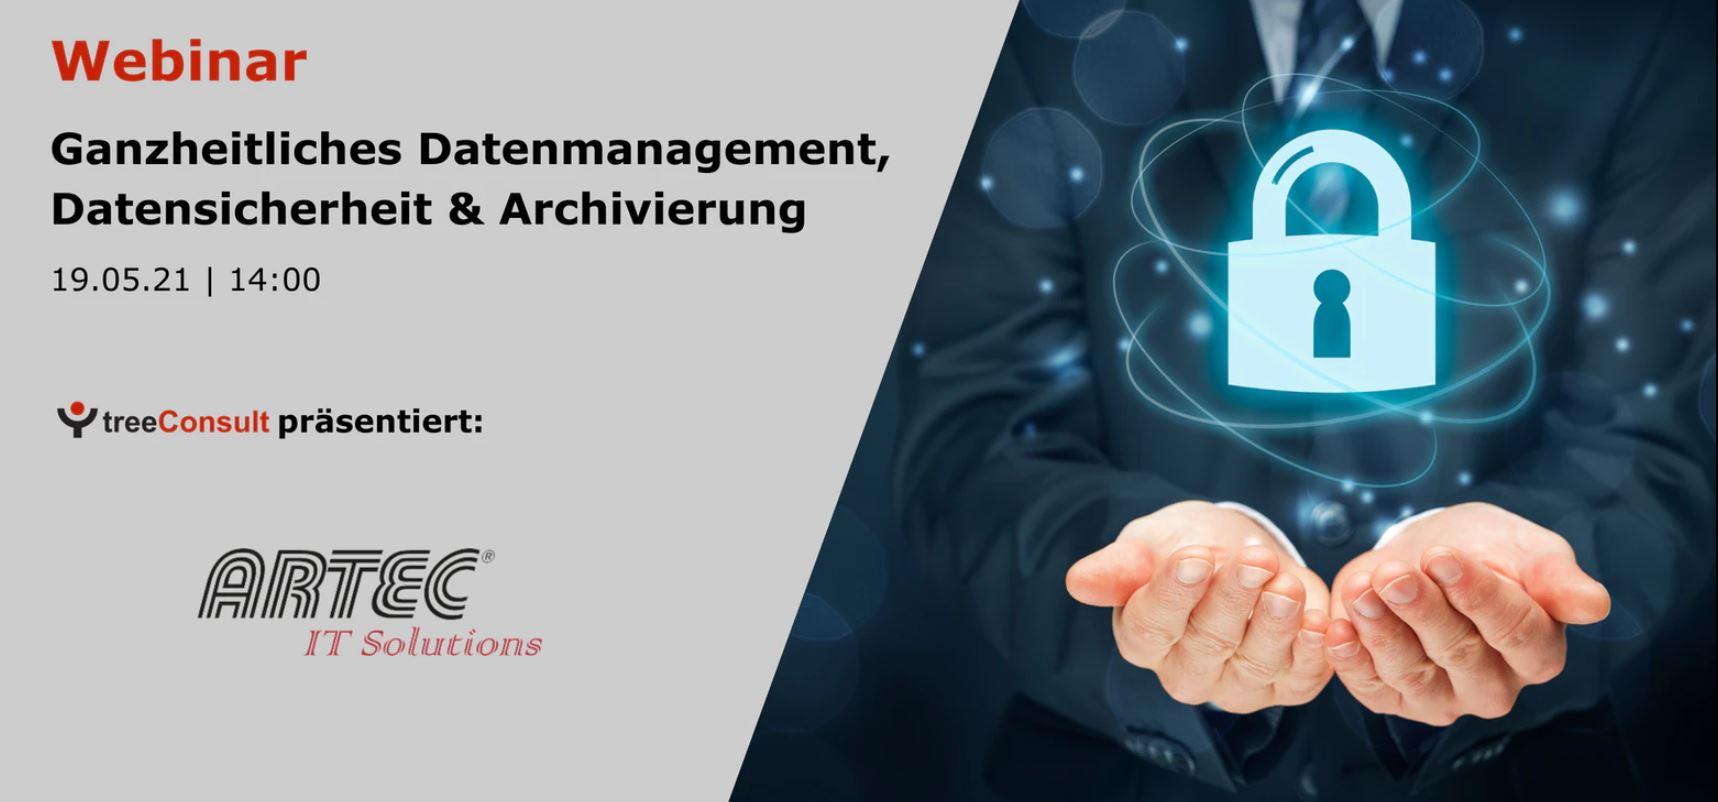 Artec IT Solutions AG - Clevere Archivierung für maximalen Datenschutz und Datensicherheit